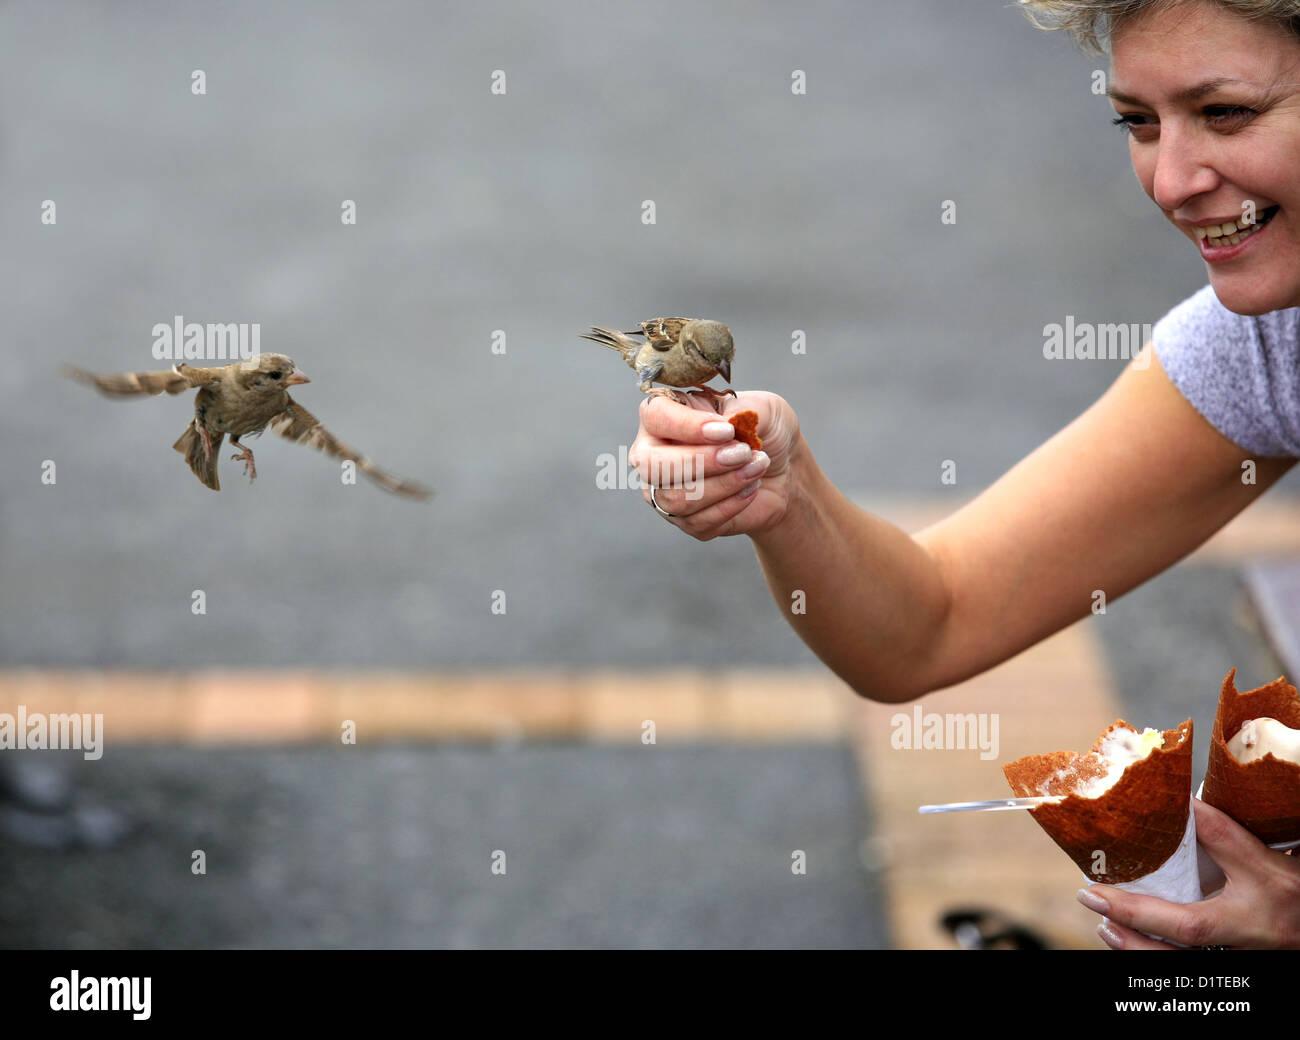 La femme nourrit moineaux dans la rue Photo Stock